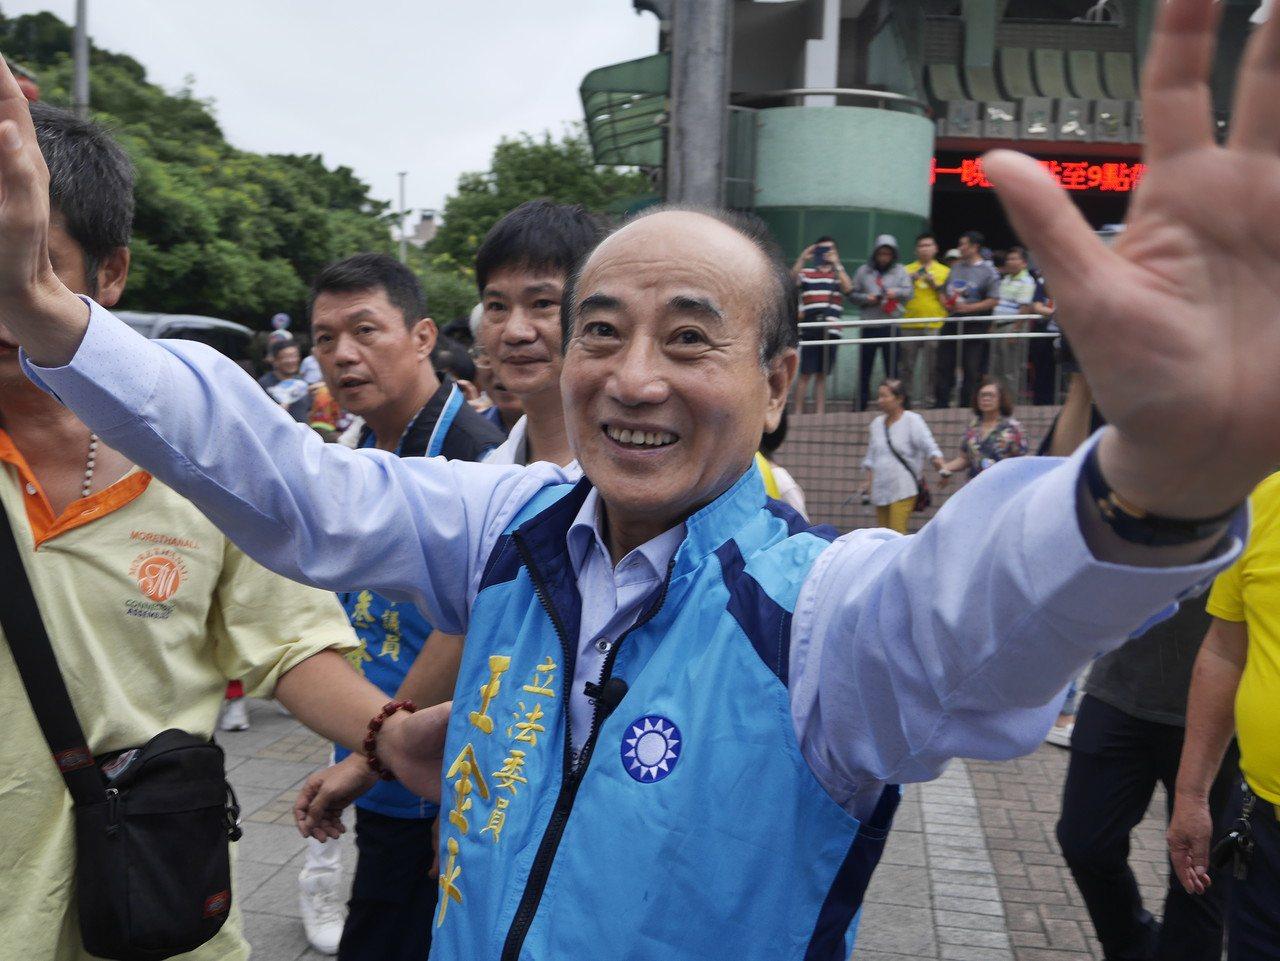 前立法院長王金平說,選總統他要選到底,但是這條路怎麼走,他接受上天的安排。記者吳...